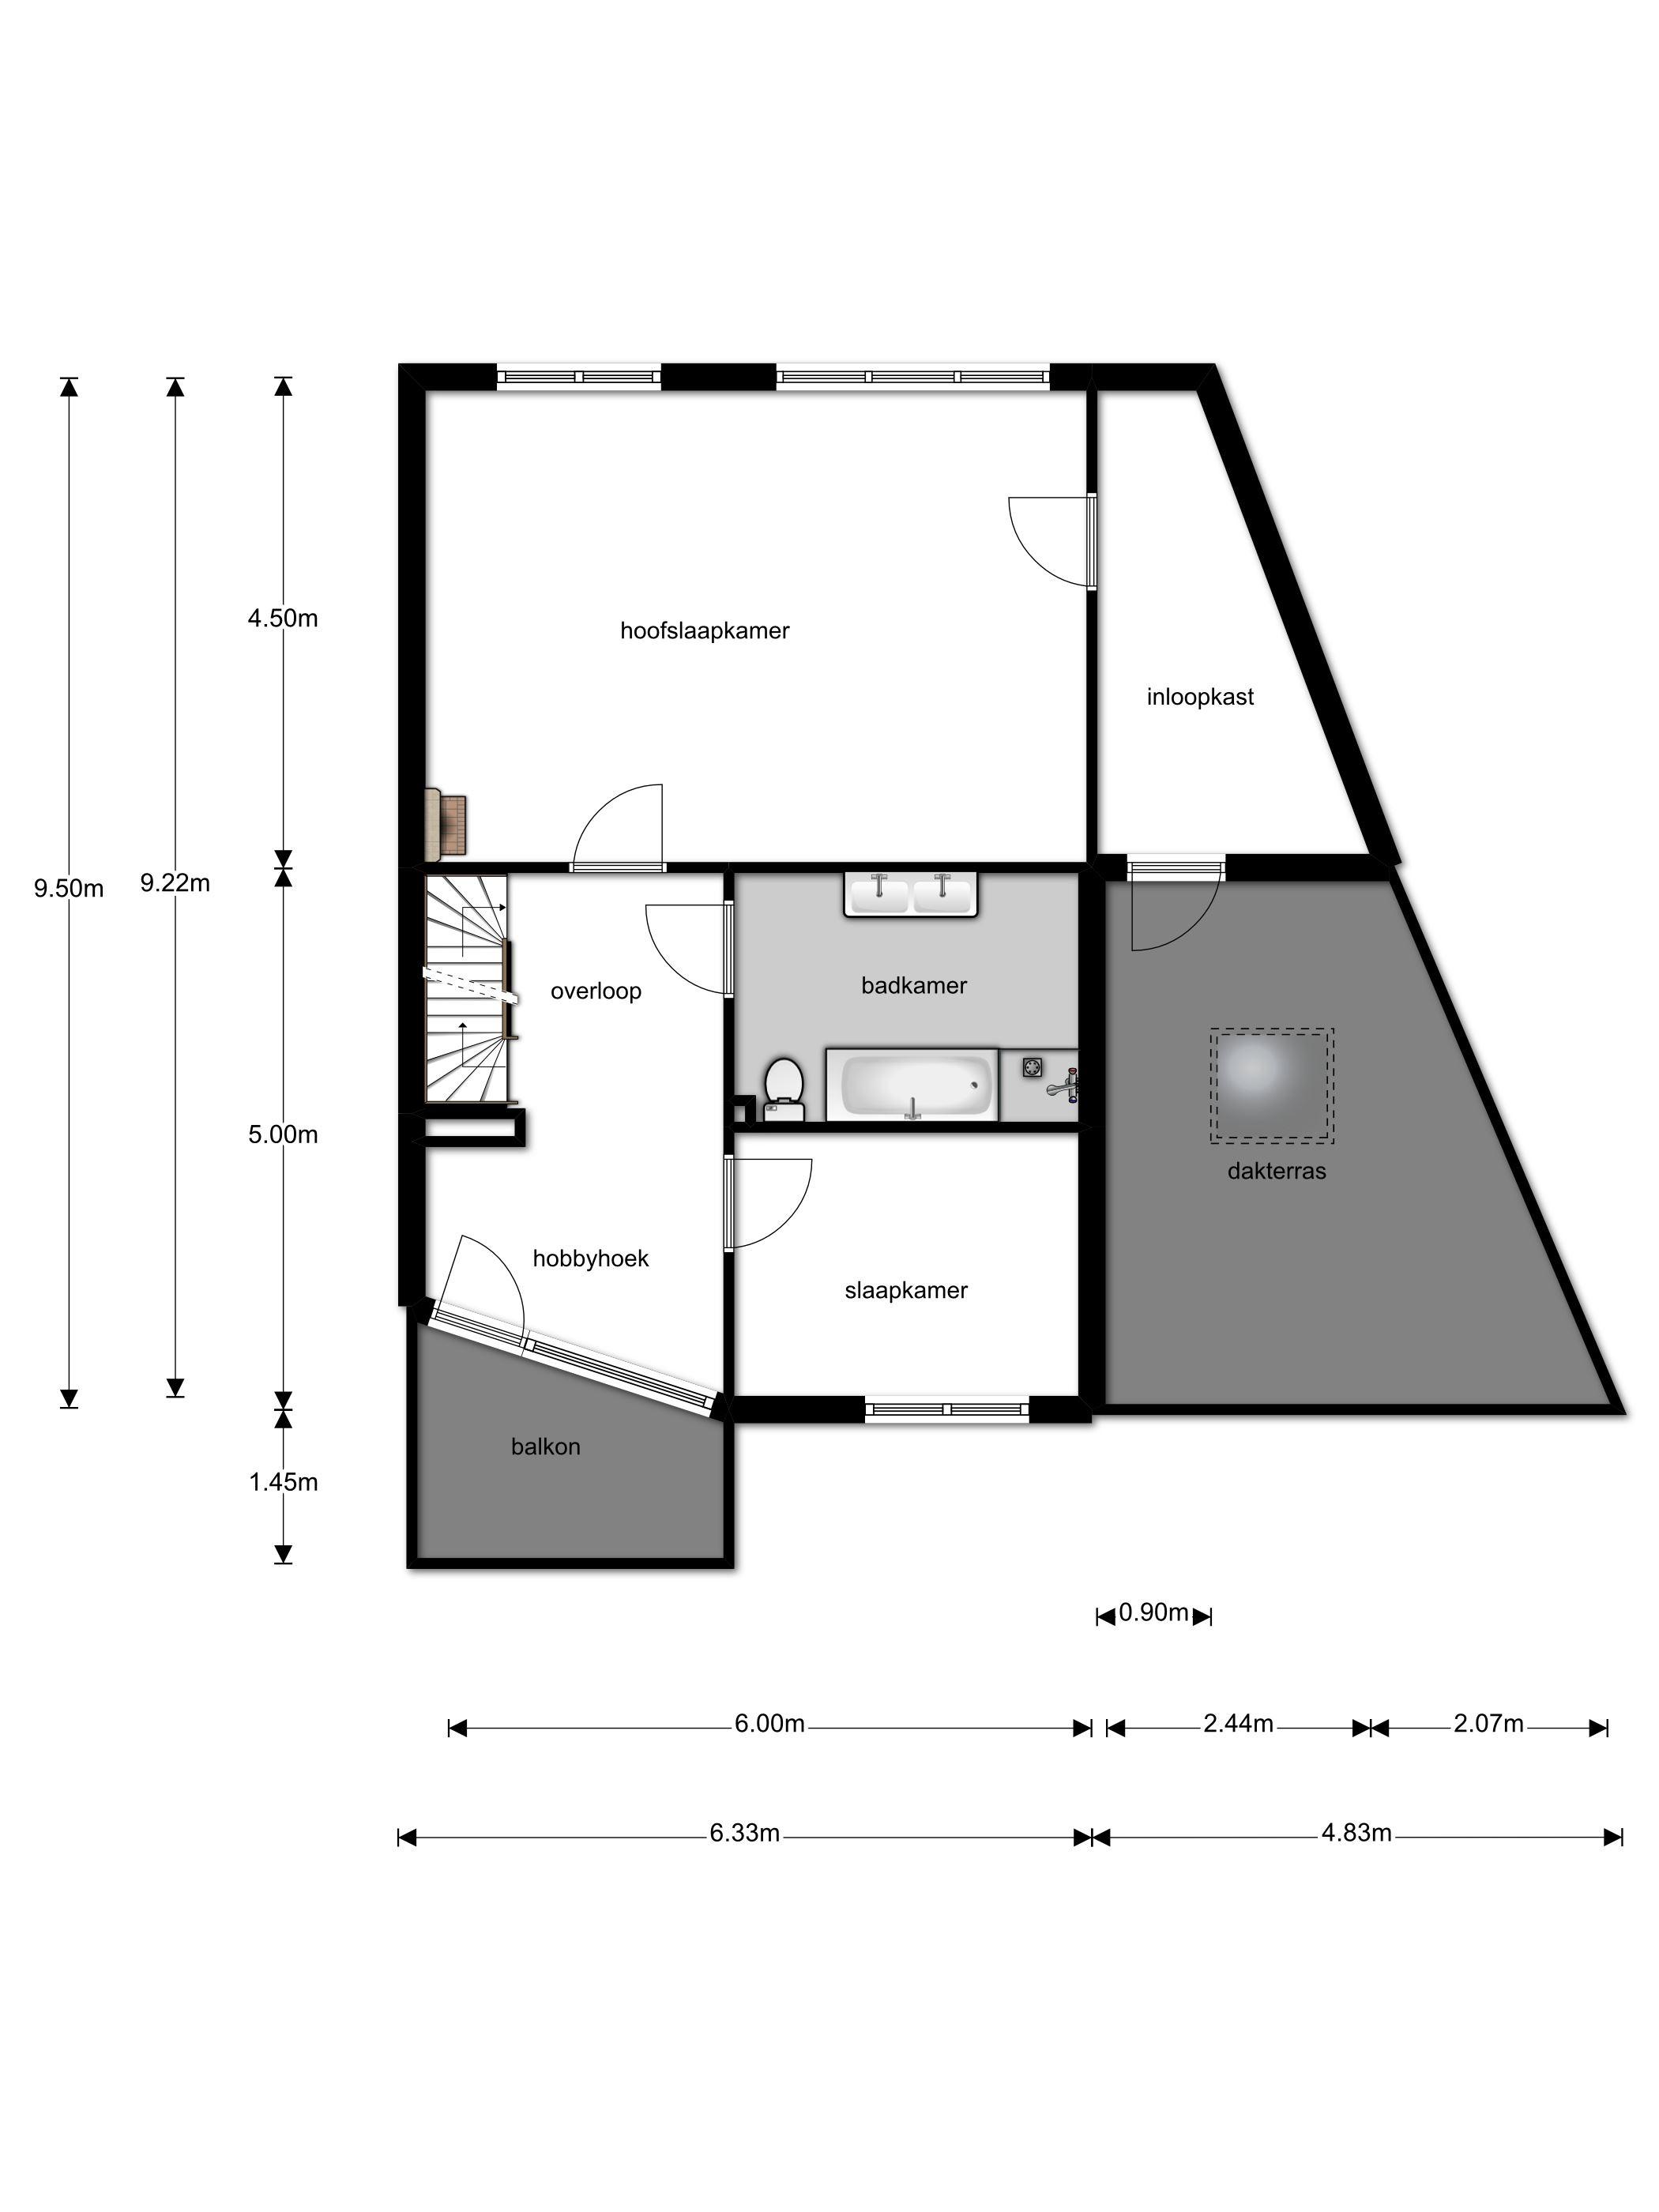 huis te koop selderiestraat 23 2215 wn voorhout funda